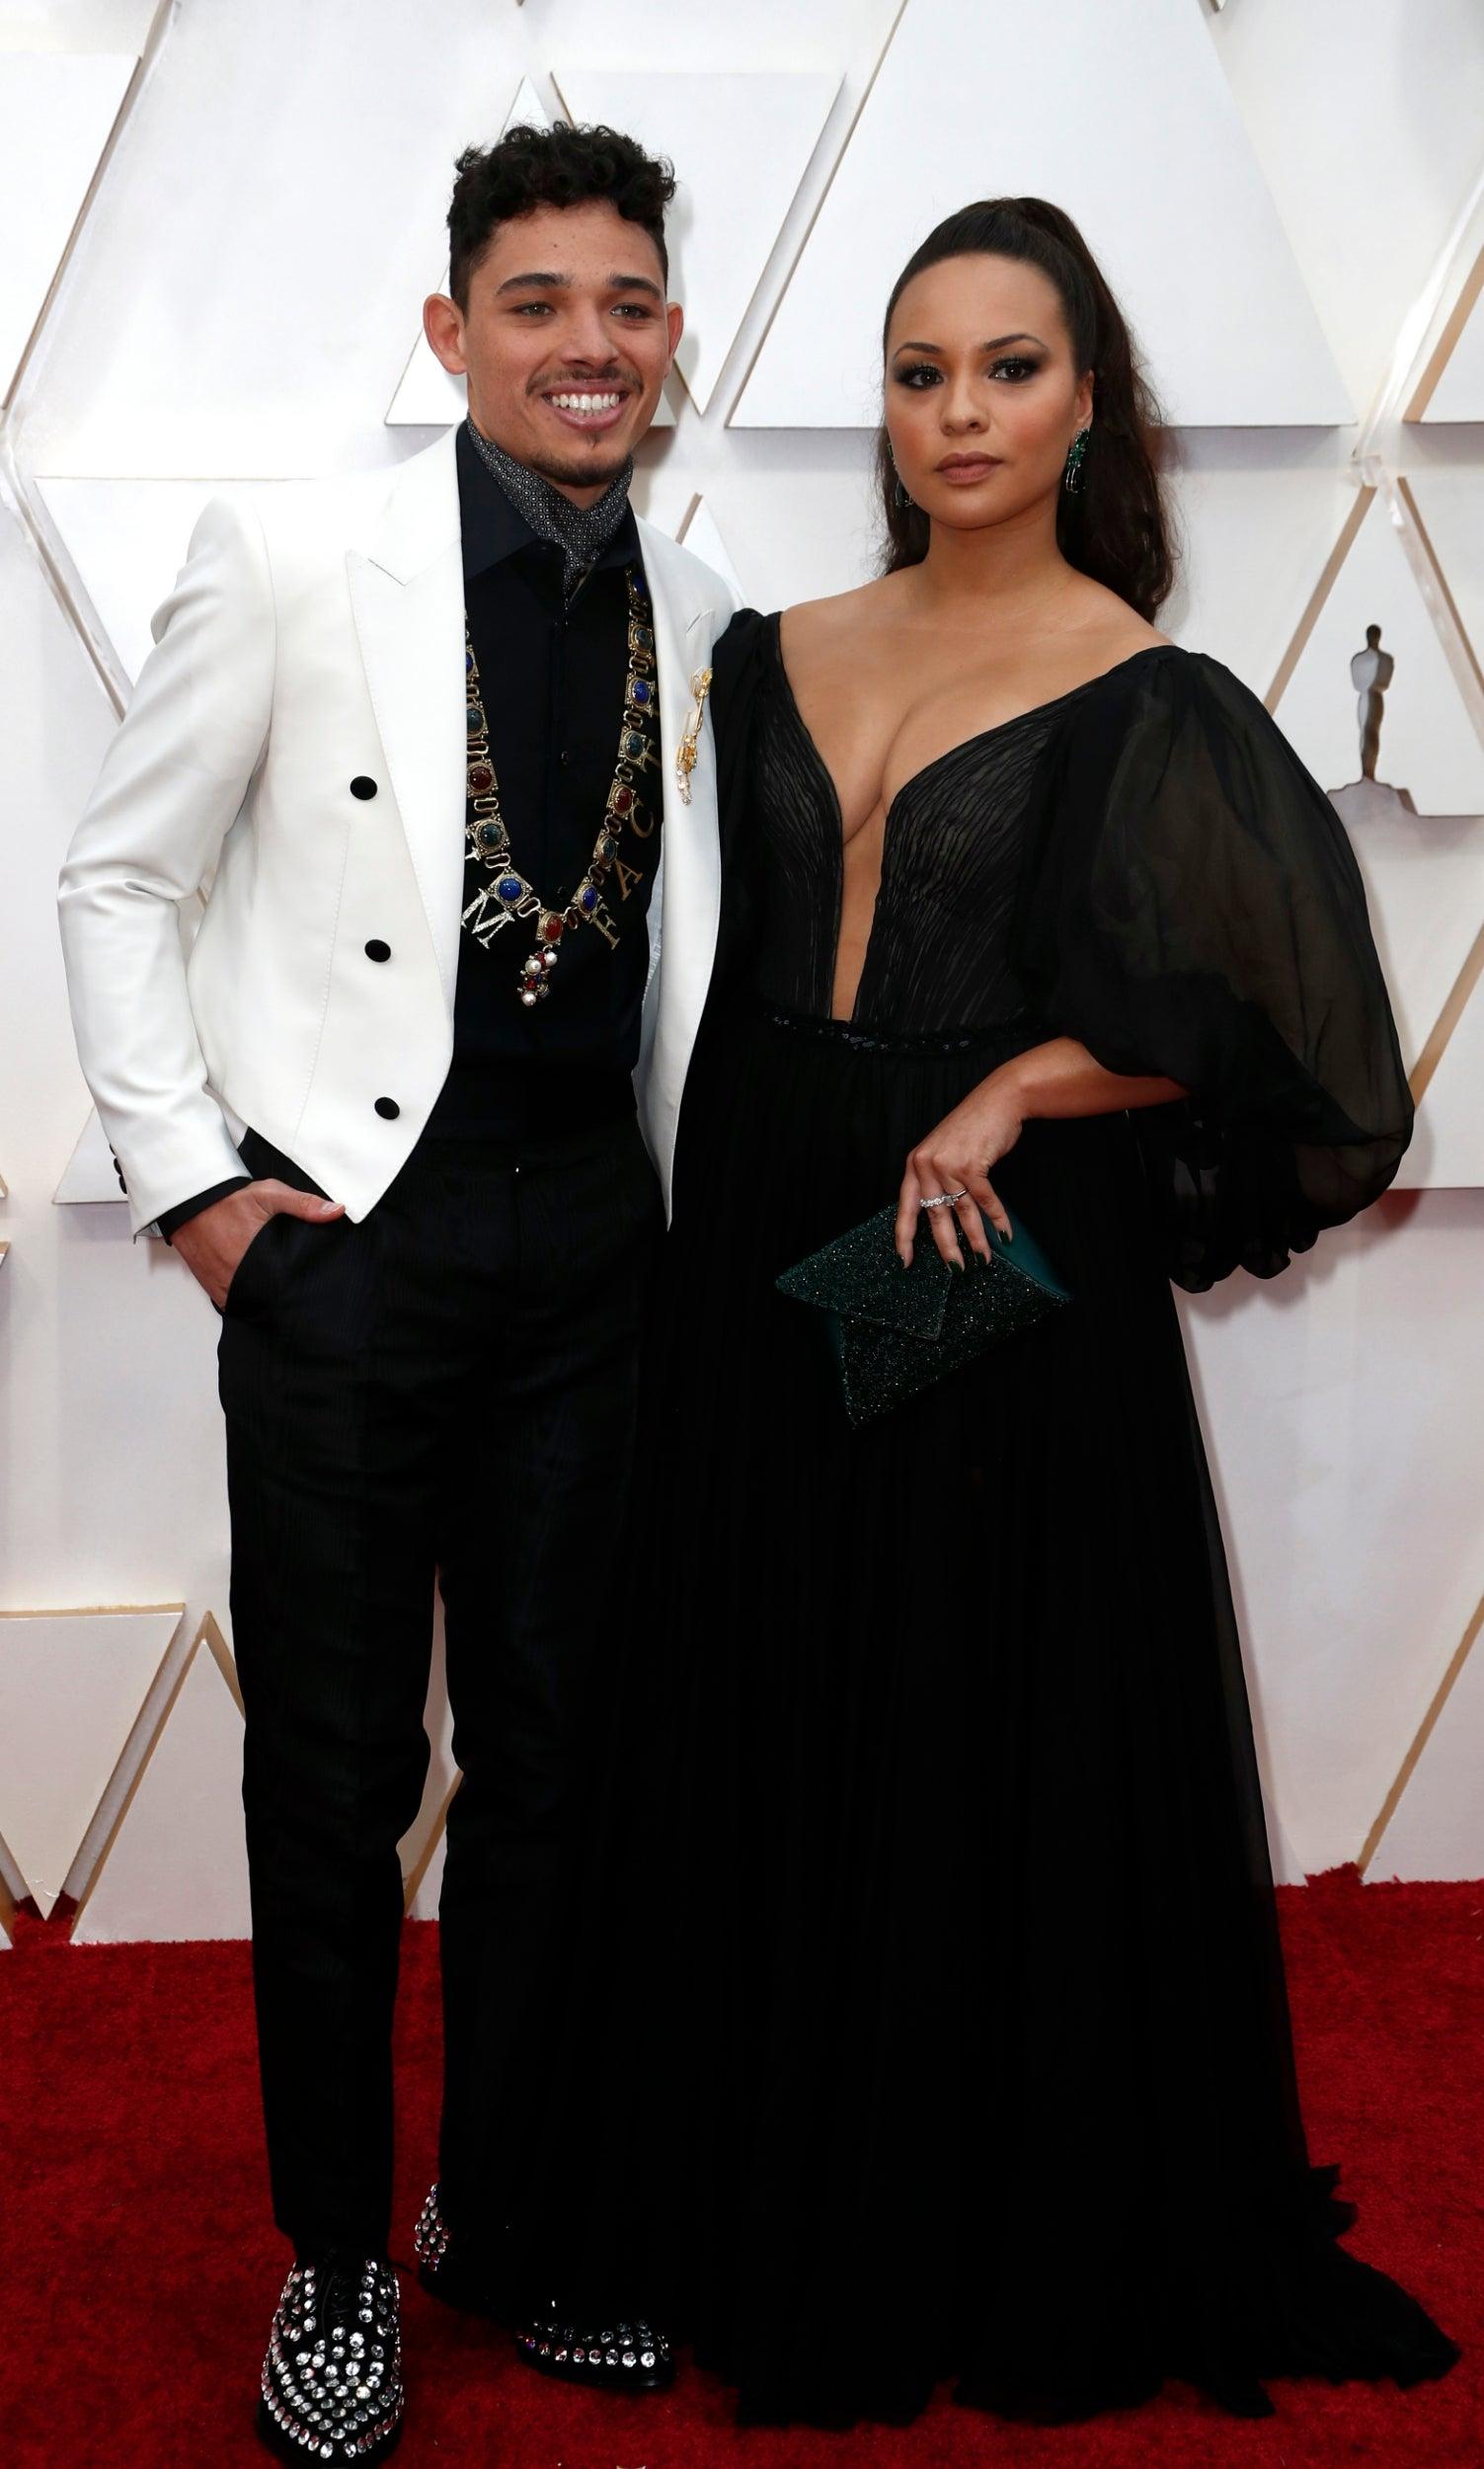 Anthony Ramos and Jasmine Cephas Jones